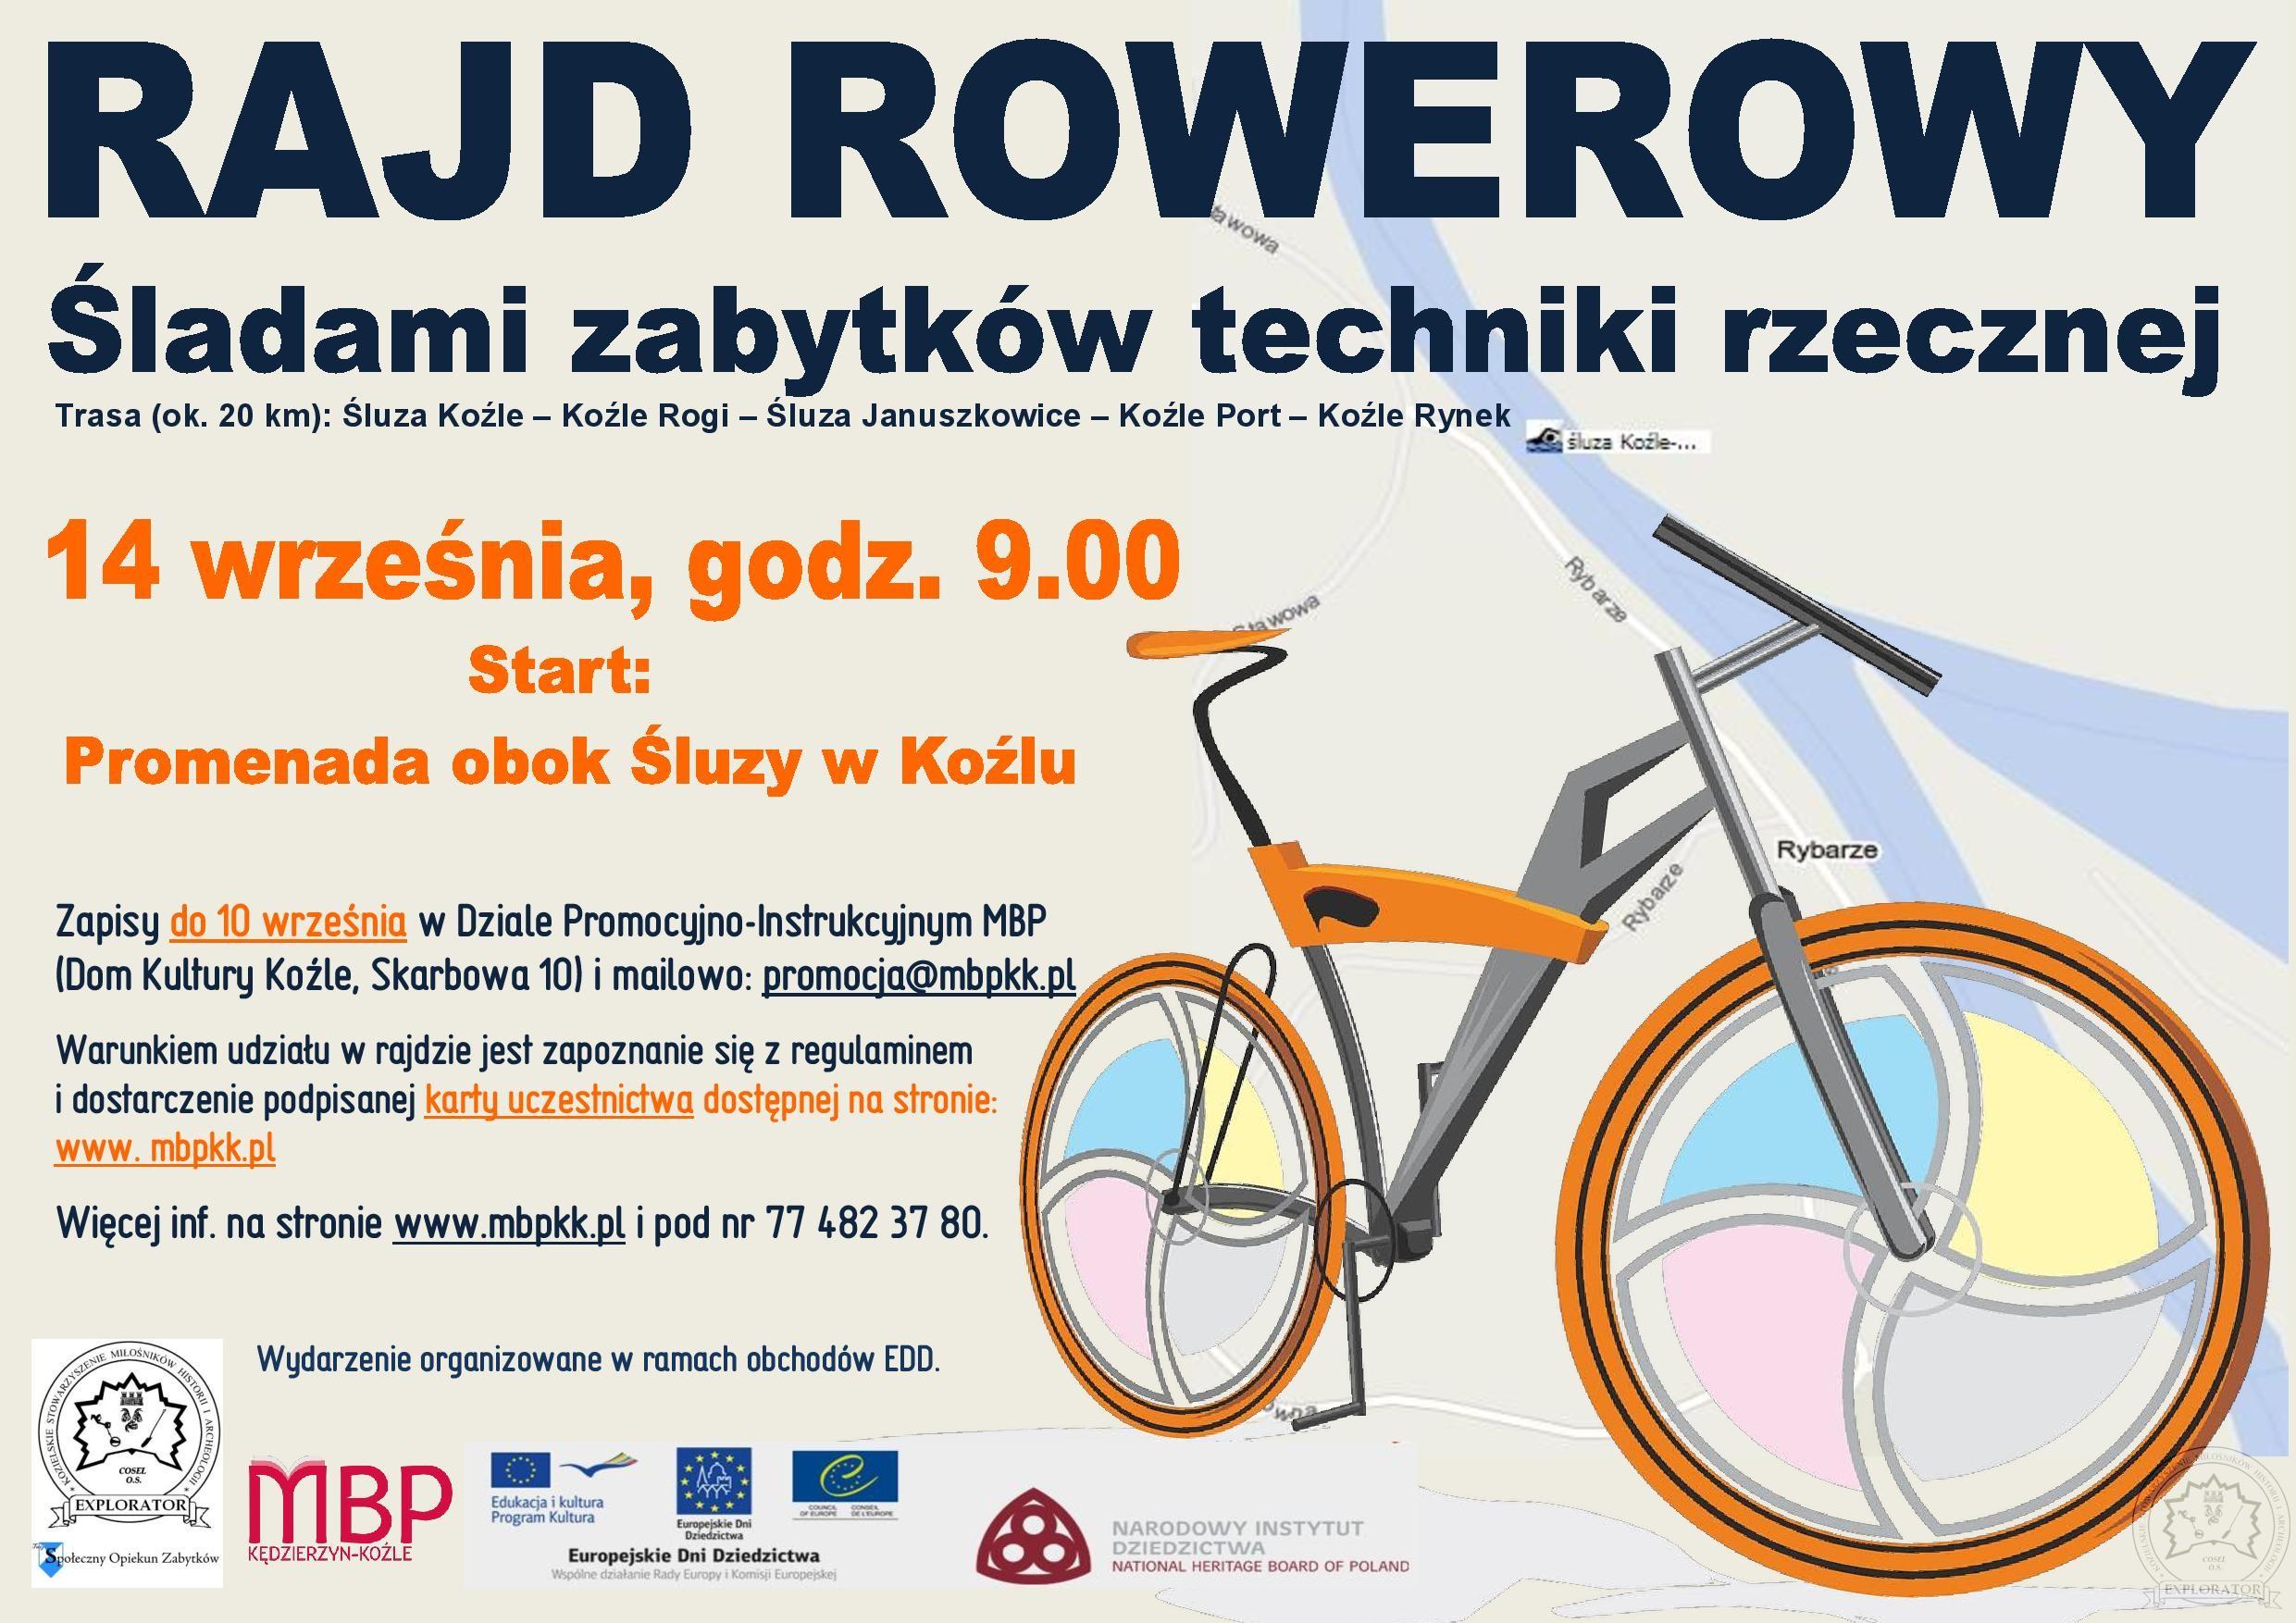 rajd-rowerowy-plakat